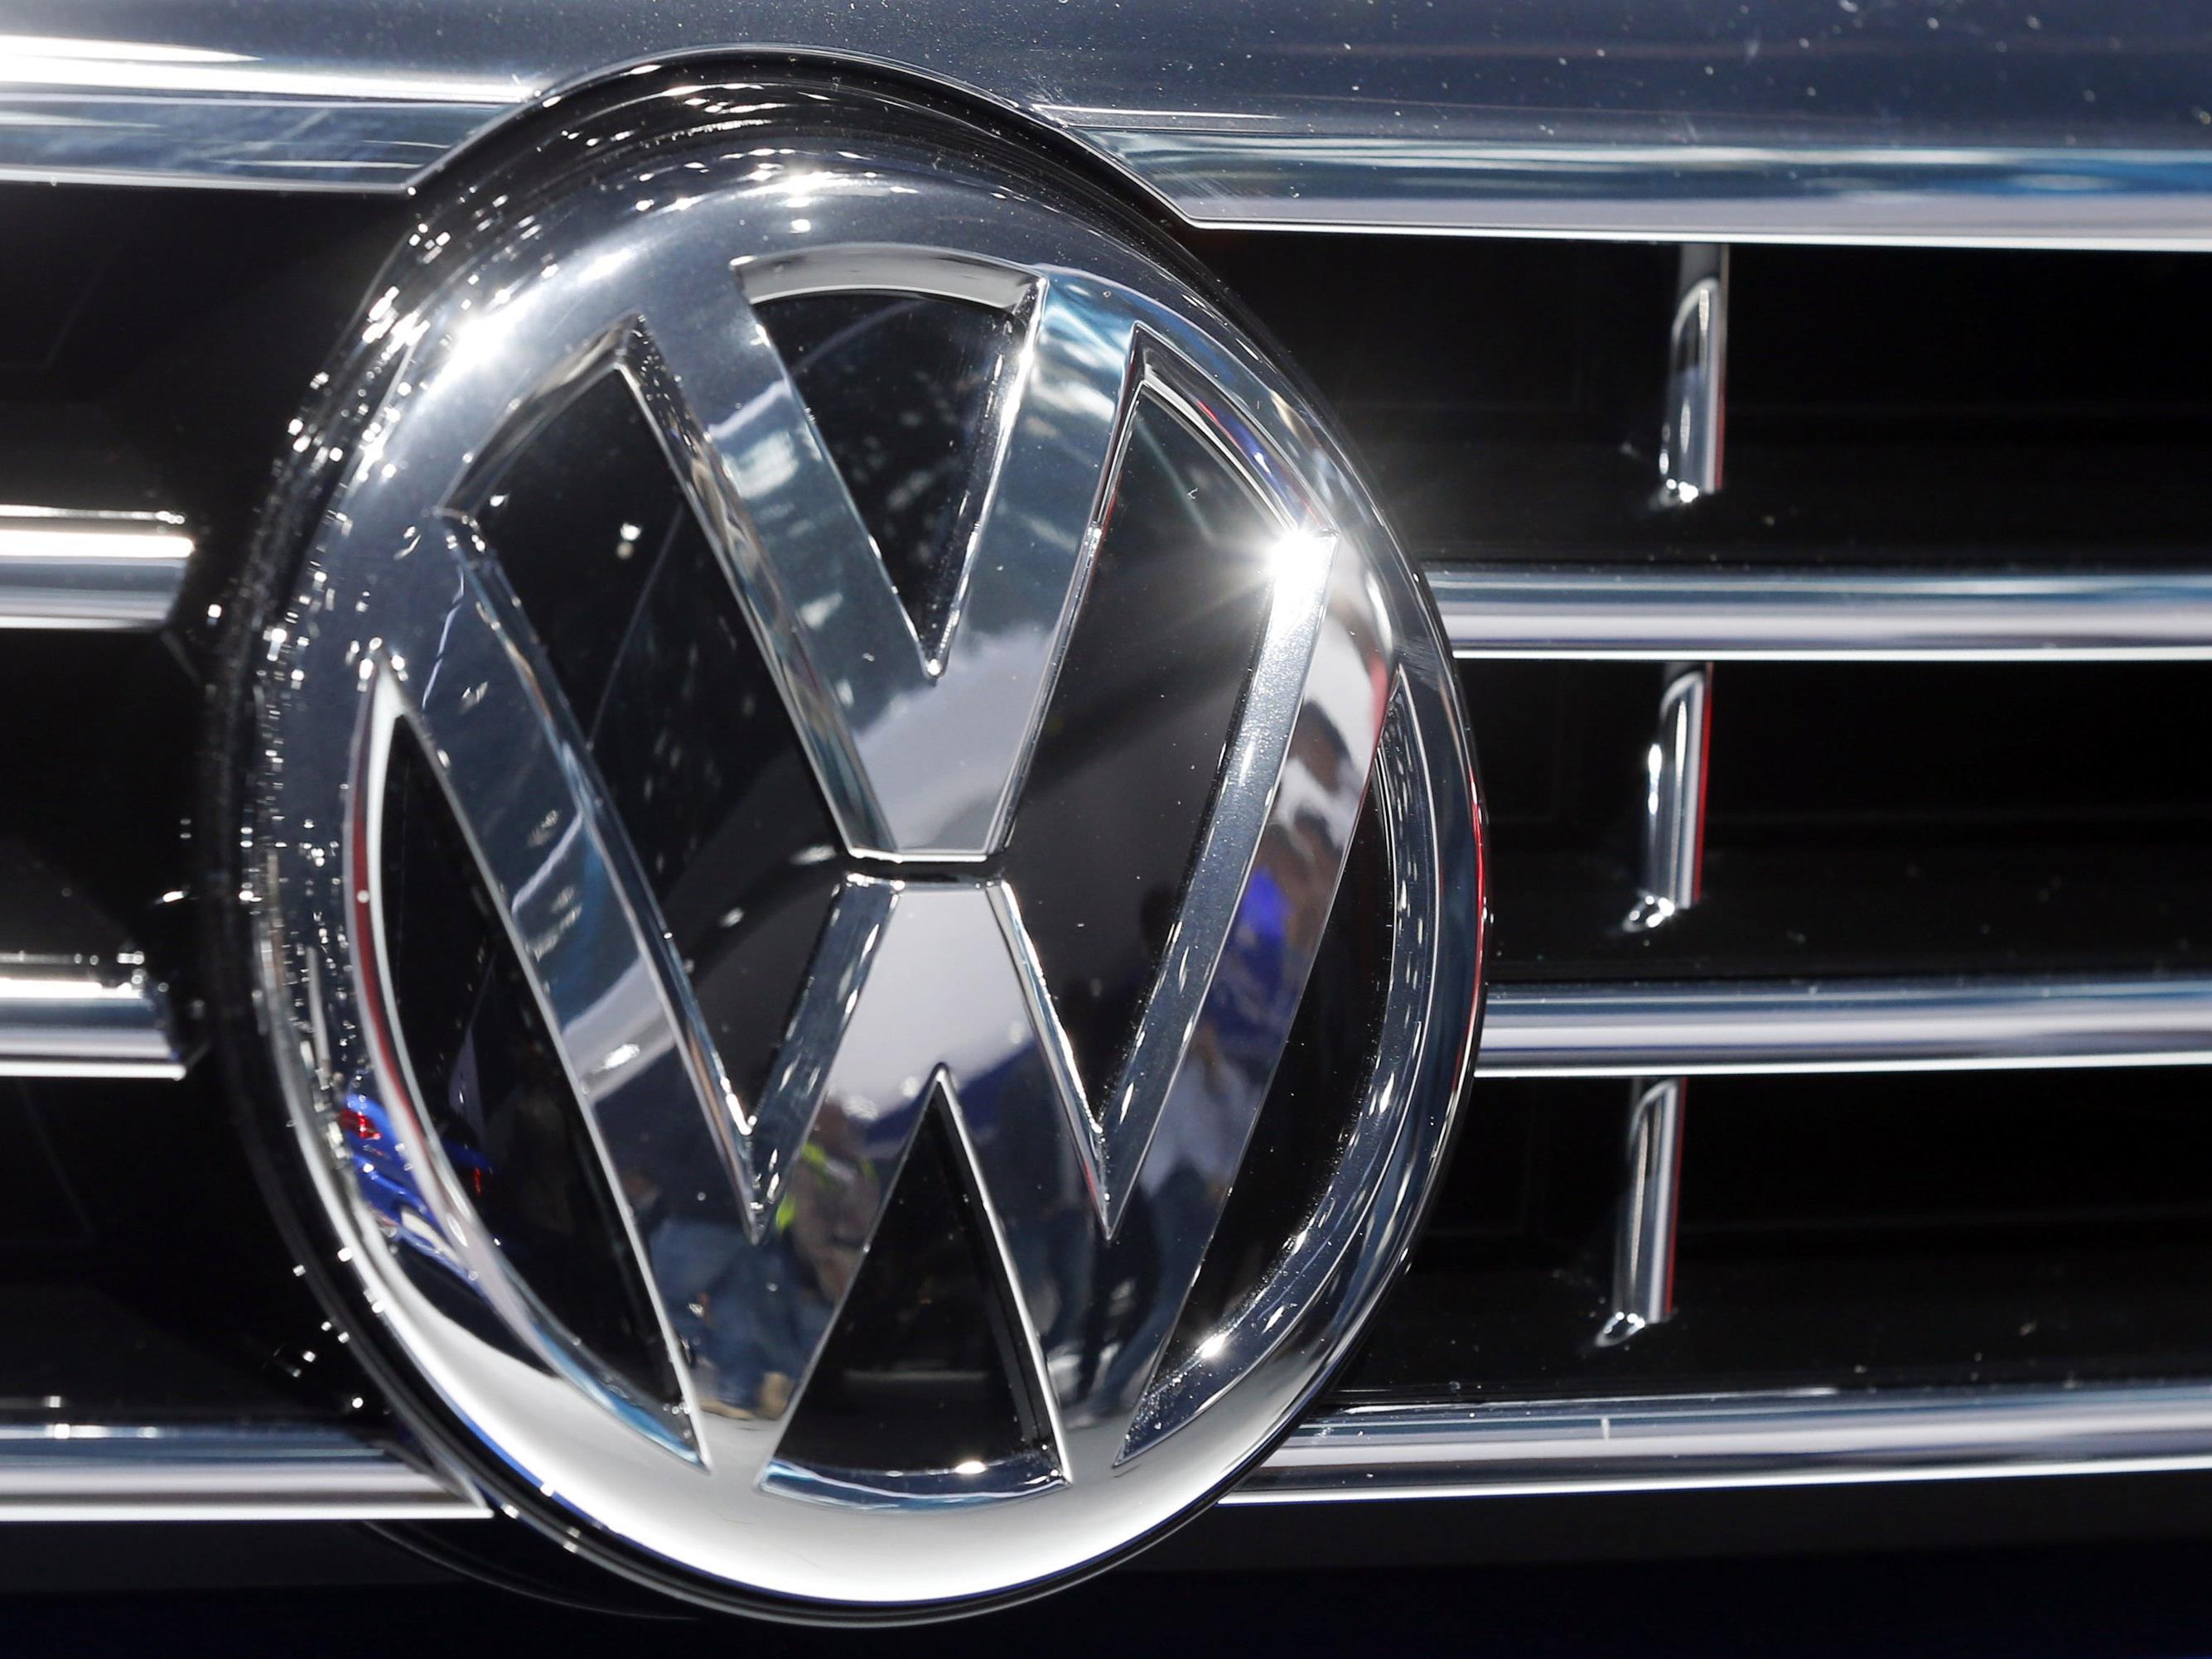 VW befindet sich in einer Krise